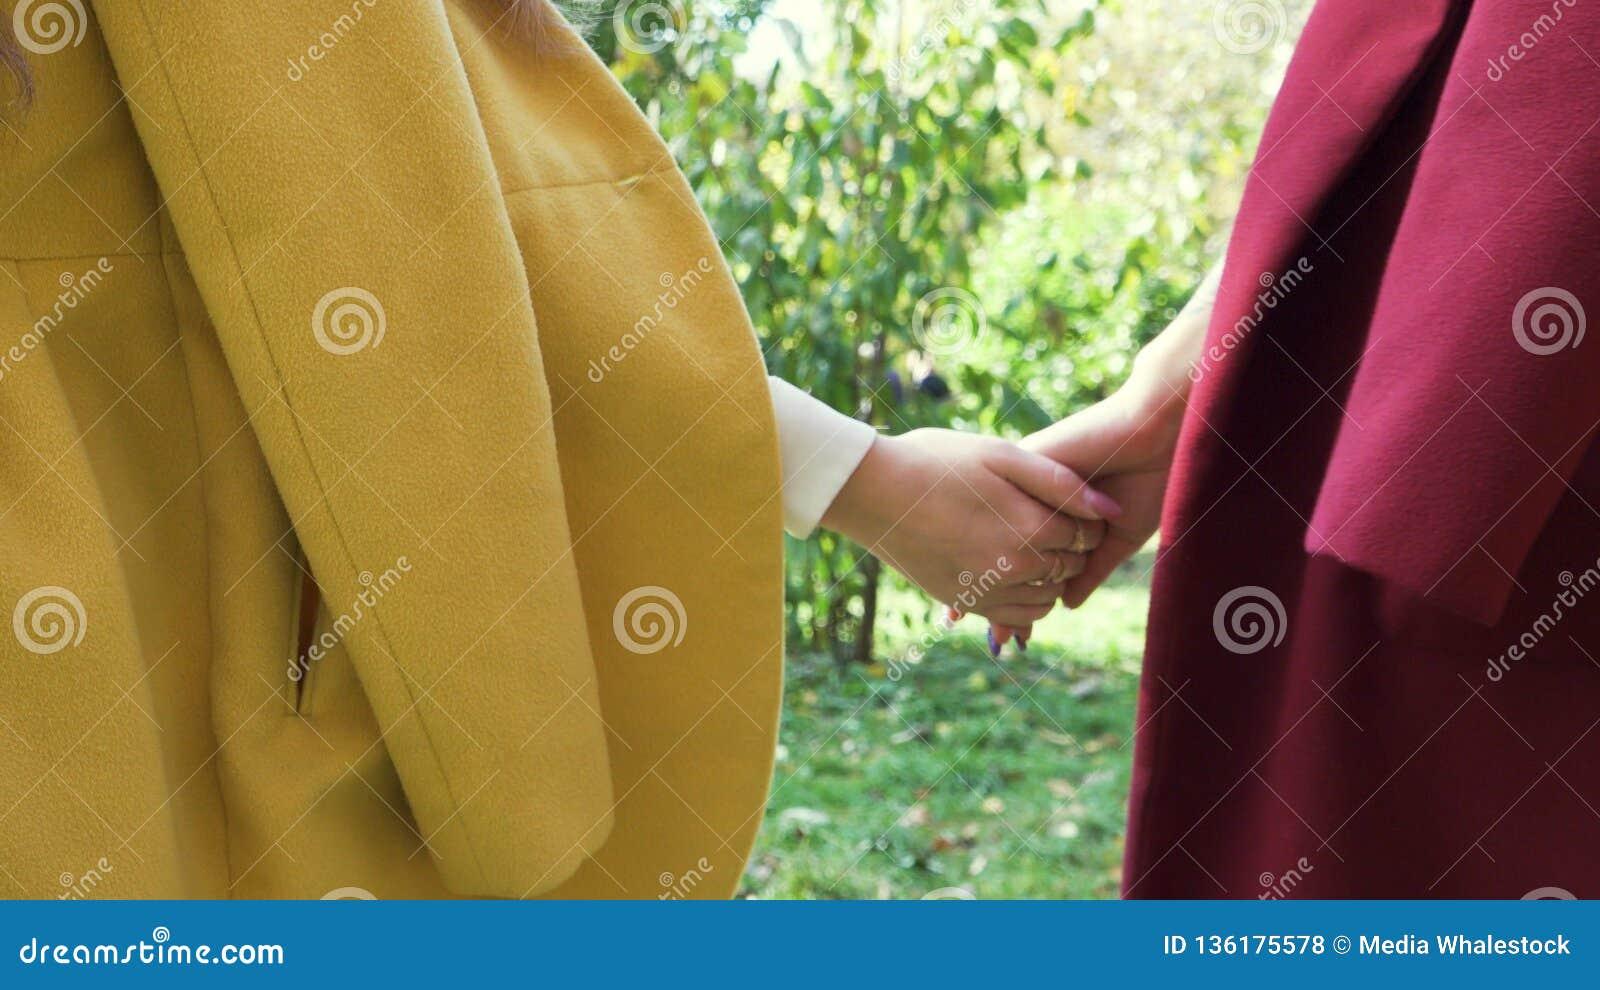 Zwei lesbisch, Händchenhalten der jungen Mädchen und Gehen in Grün, Herbstpark, LGBT-Konzept Gleichgeschlechtliche, schöne Lesbe